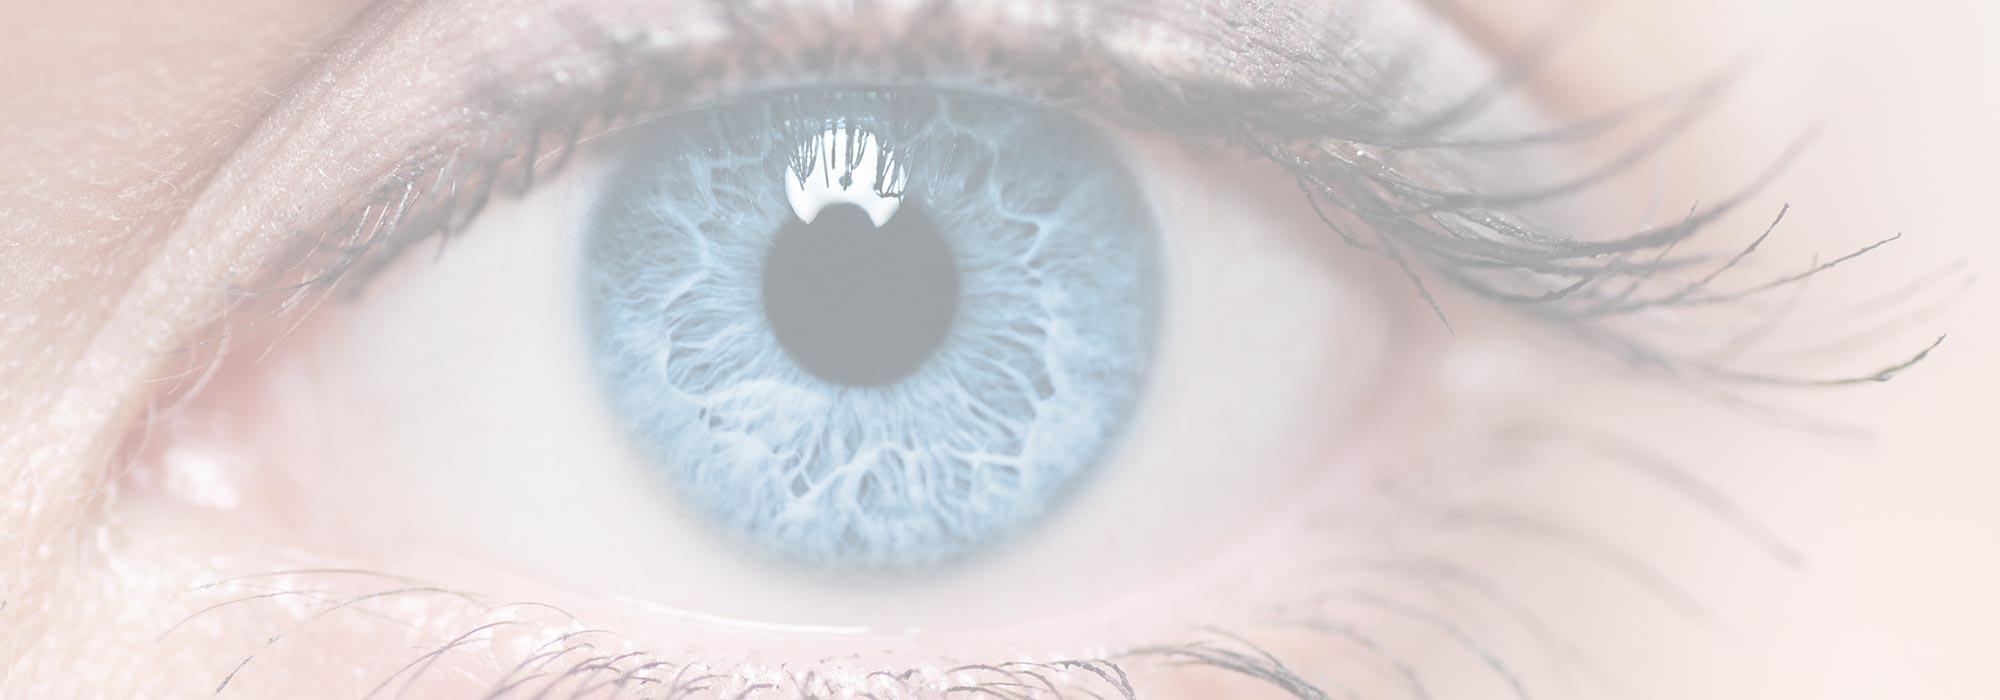 Leon Au Eyecare